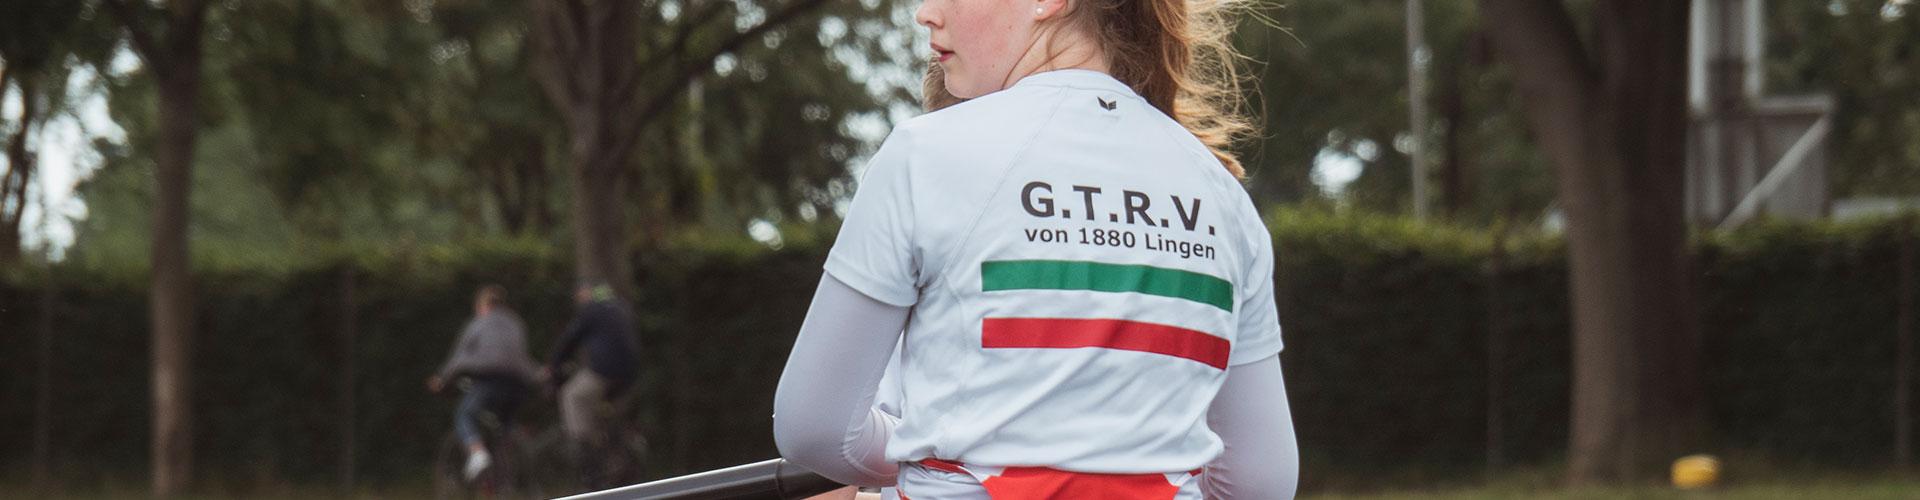 Jetzt GTRV-Mitglied werden - GTRV von 1880 - Gymnasial Turn- und Ruderverein Lingen (Ems)